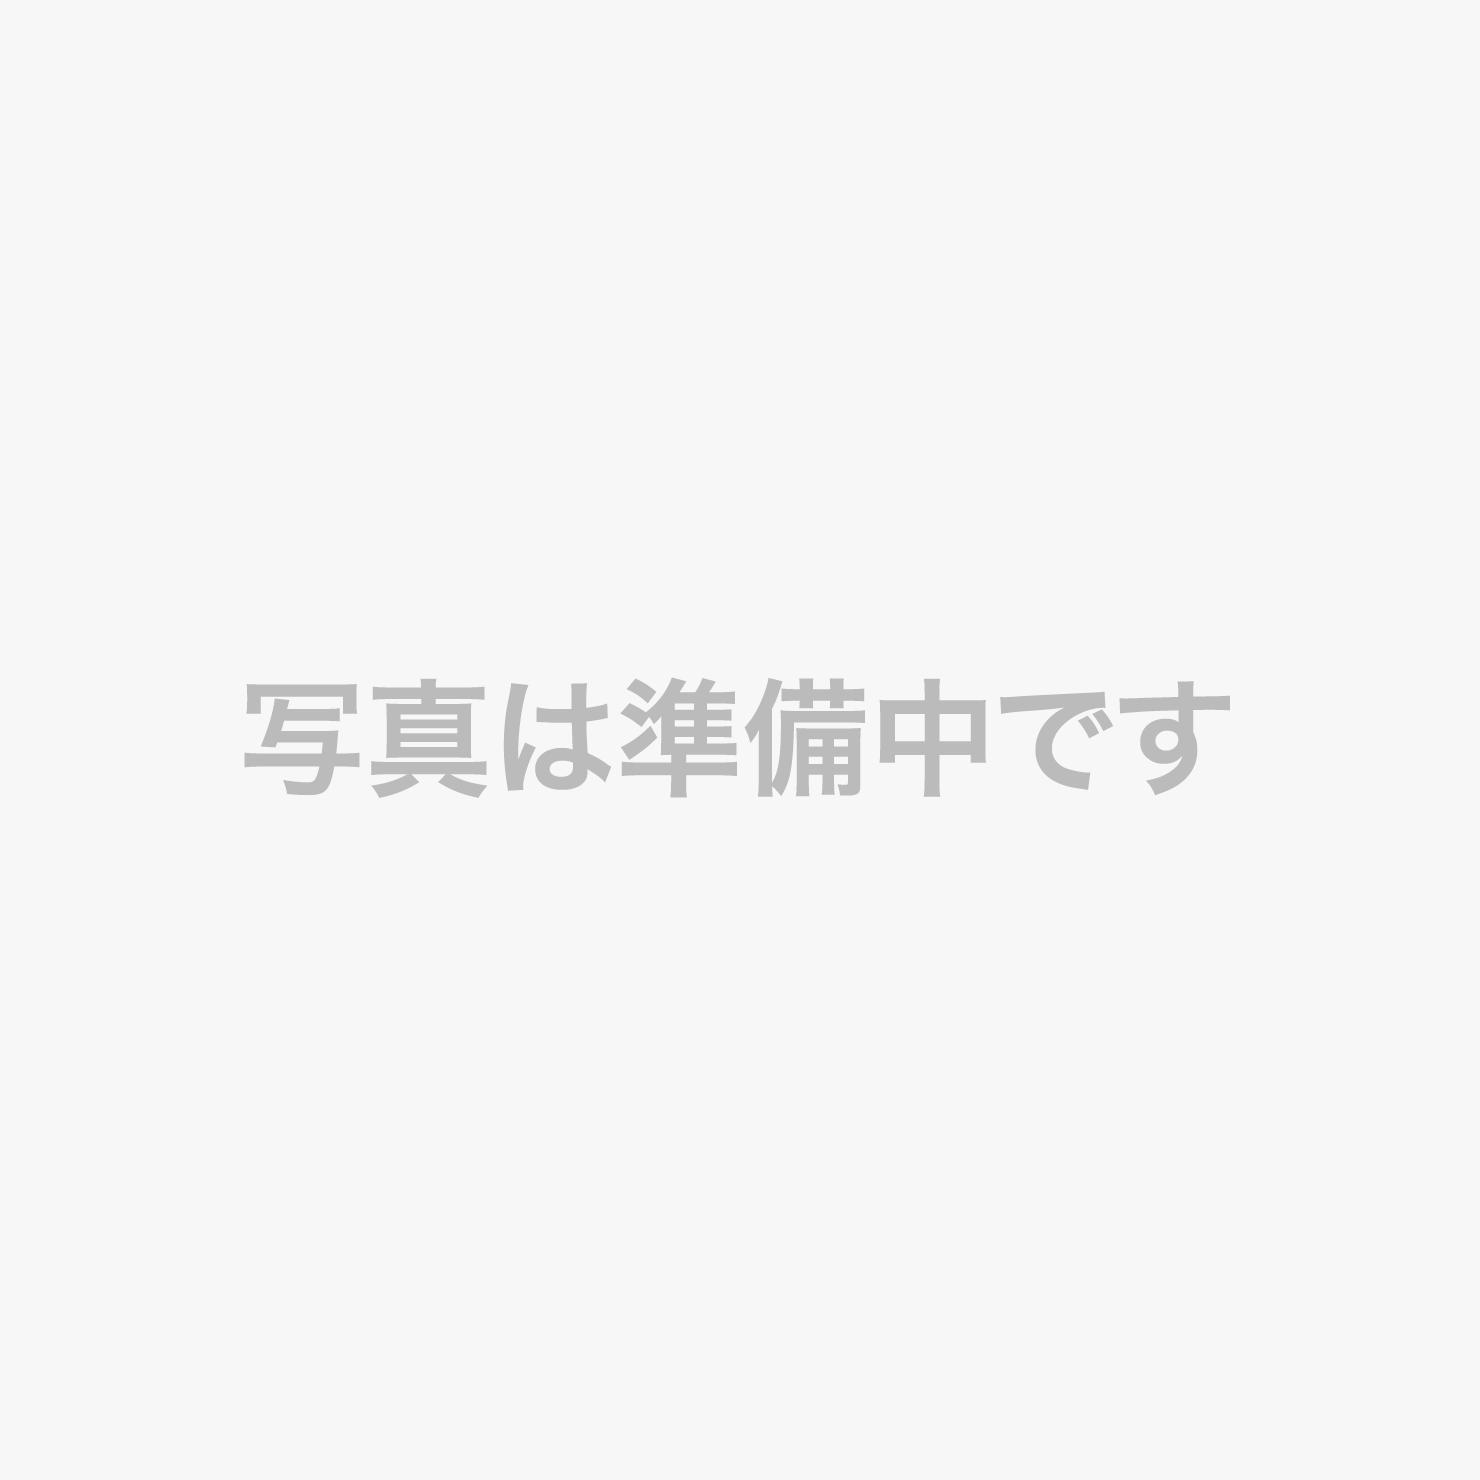 【暁の抄・洋室ツイン】49平米/2名定員/客室露天風呂付(沸かし湯)最上階5階限定3室の客室です。